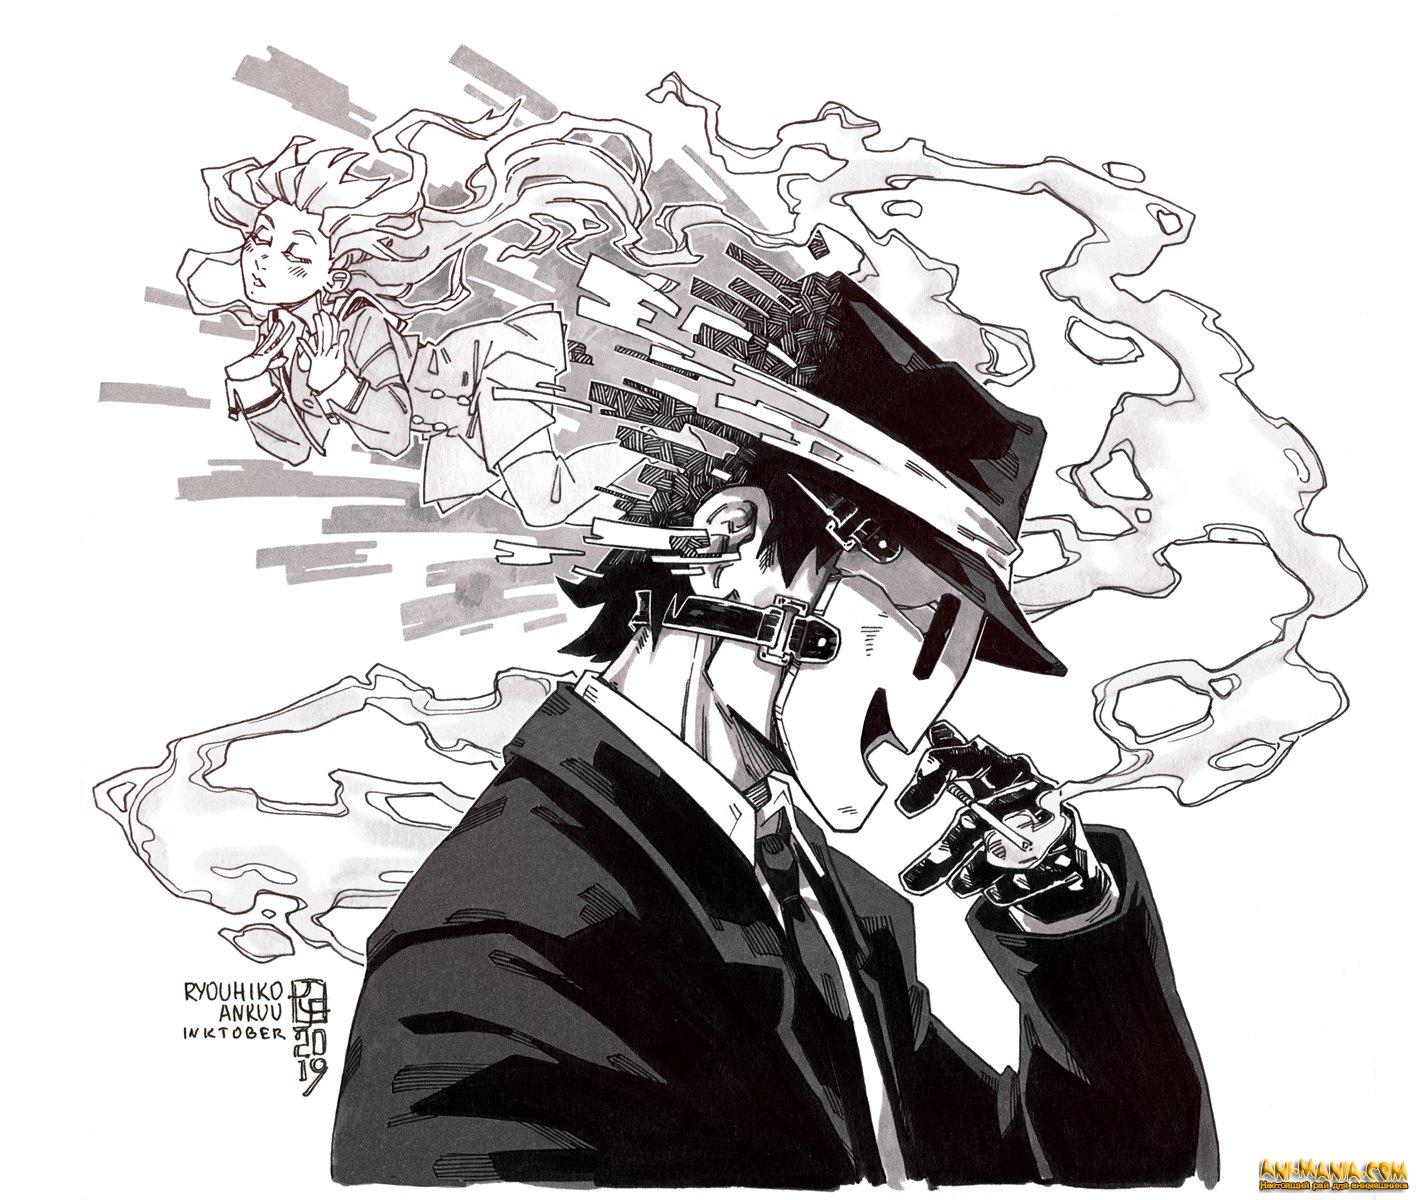 «Небесное вторжение» — новый трейлер и дата выхода аниме про противостояние школьников и загадочных убийц в масках